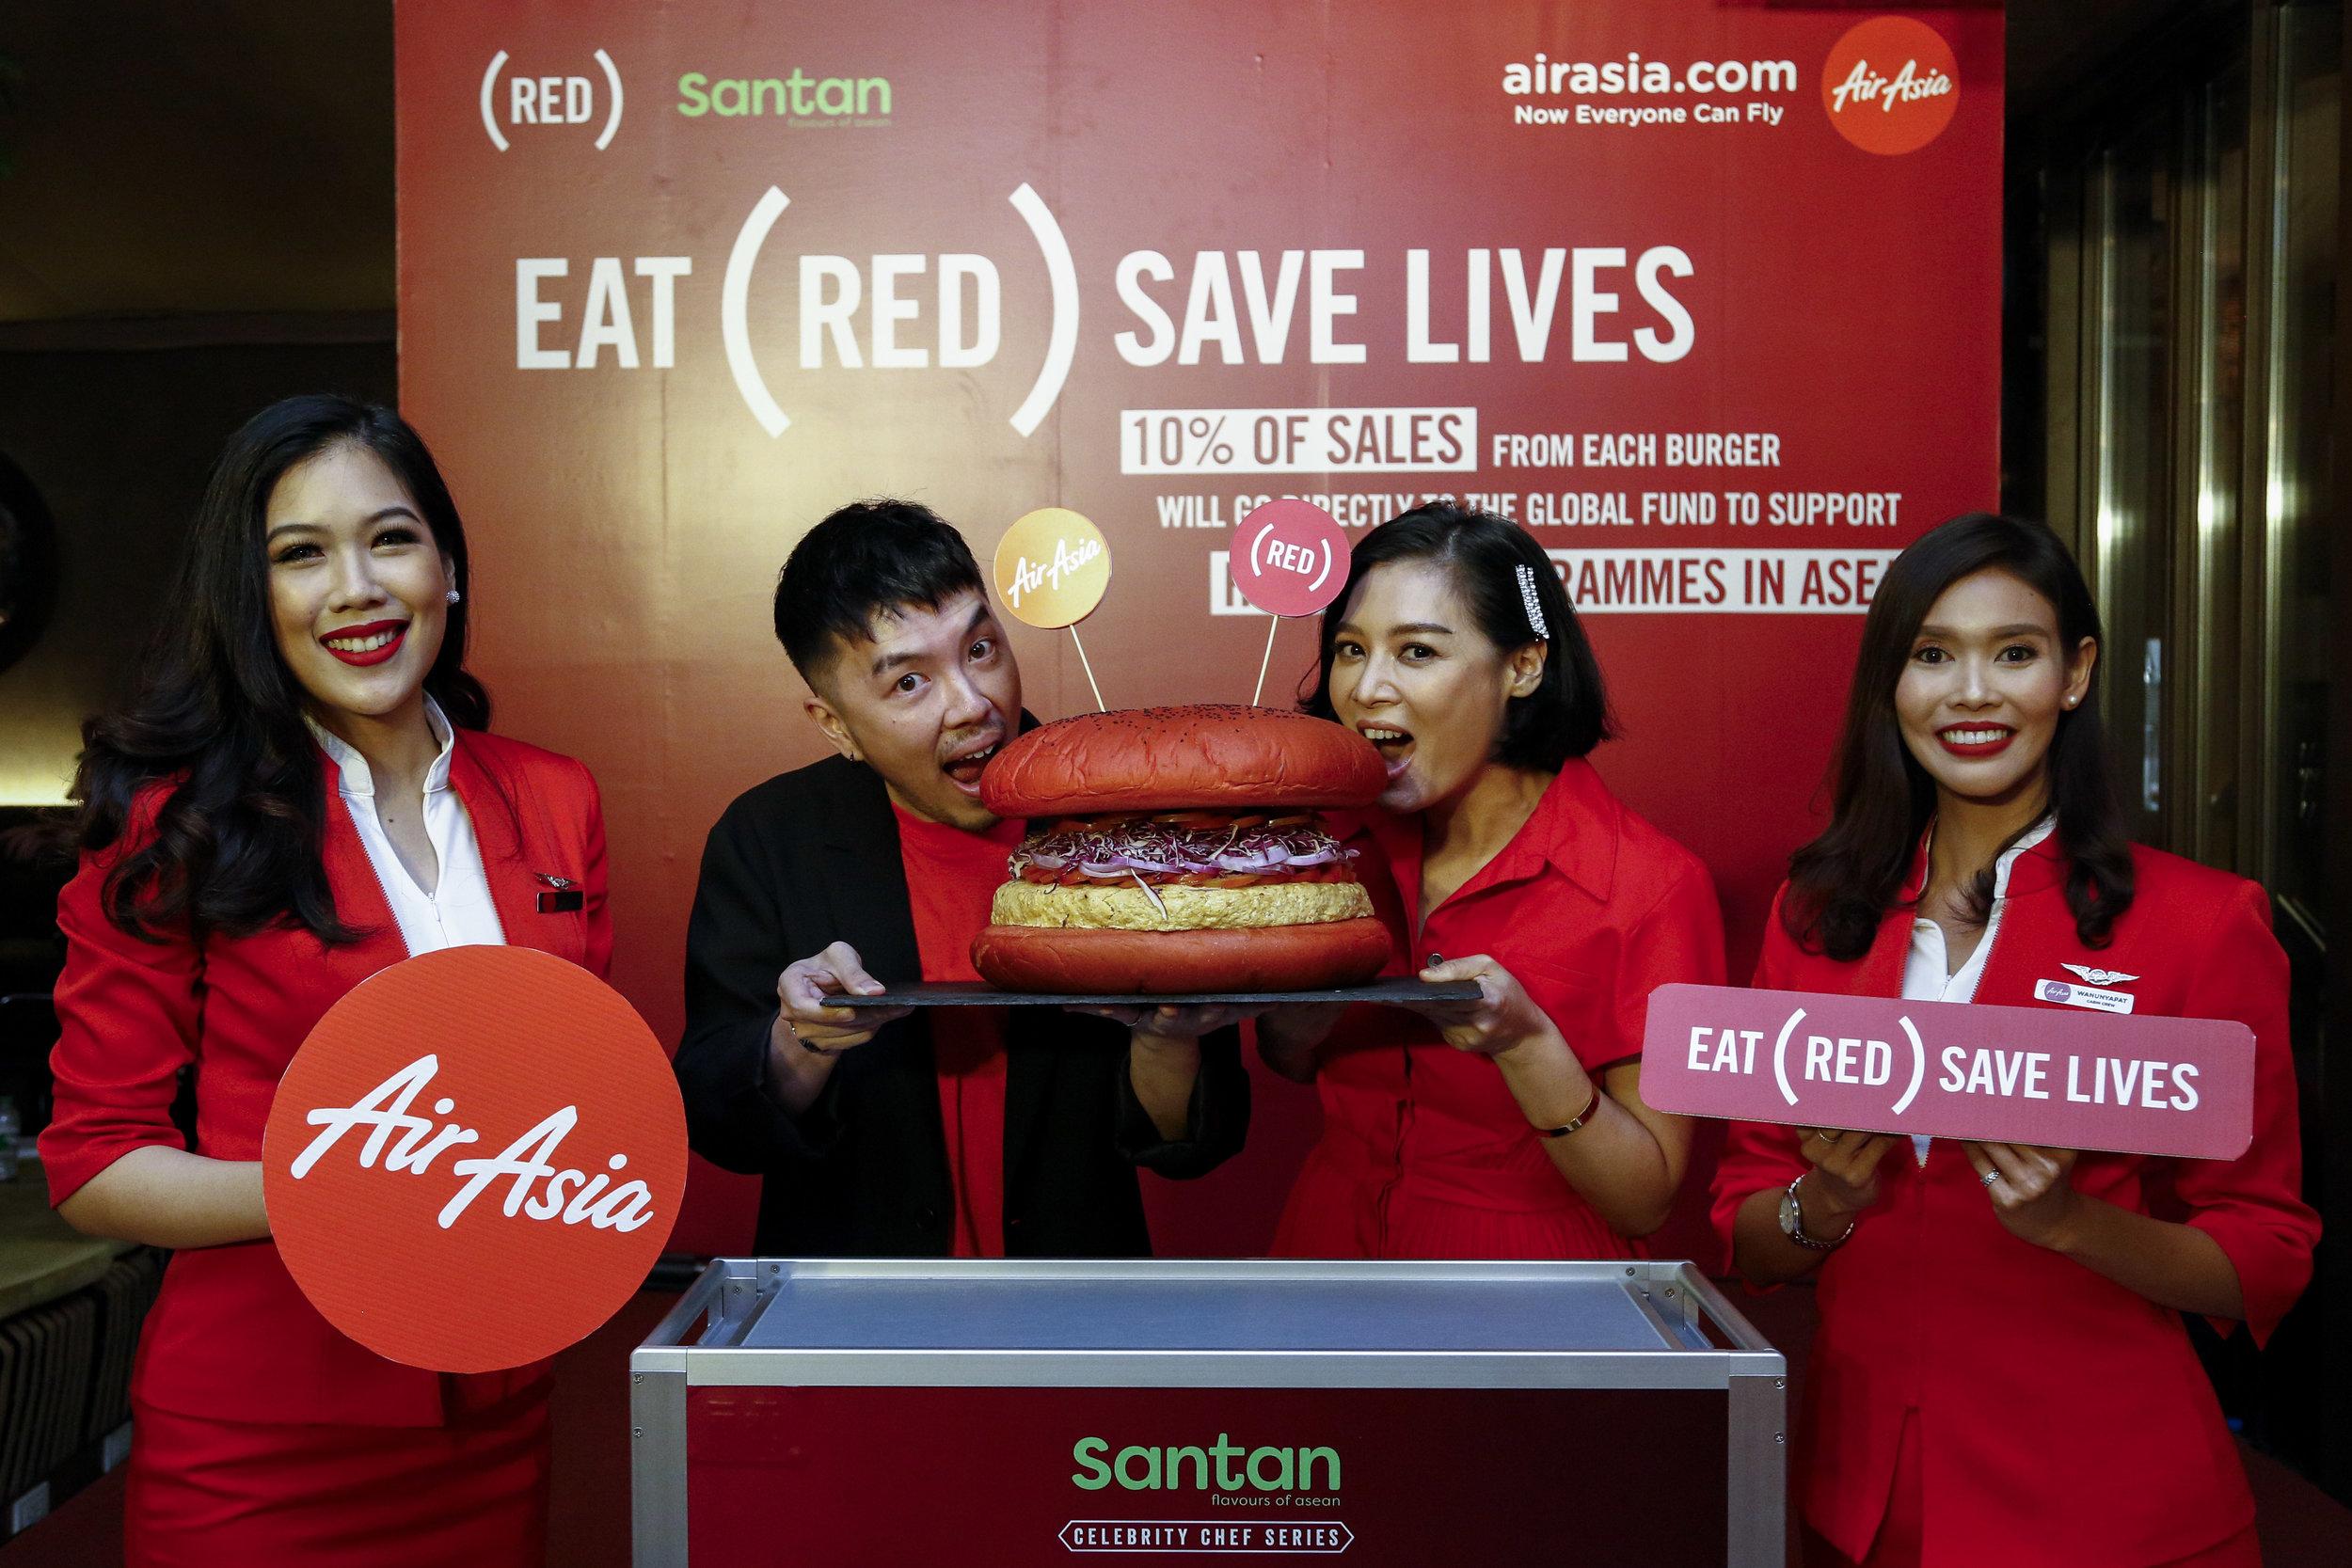 นายรูดี้ โกว หัวหน้าฝ่ายภาพลักษณ์และแบรนด์ กลุ่มสายการบินแอร์เอเชีย  และ  เชฟหงส์ – งามพร้อม ไทยมี (RED) Chef Ambassador  ร่วมแถลงข่าวเปิดตัวเมนูใหม่ INSPI(RED) Burger